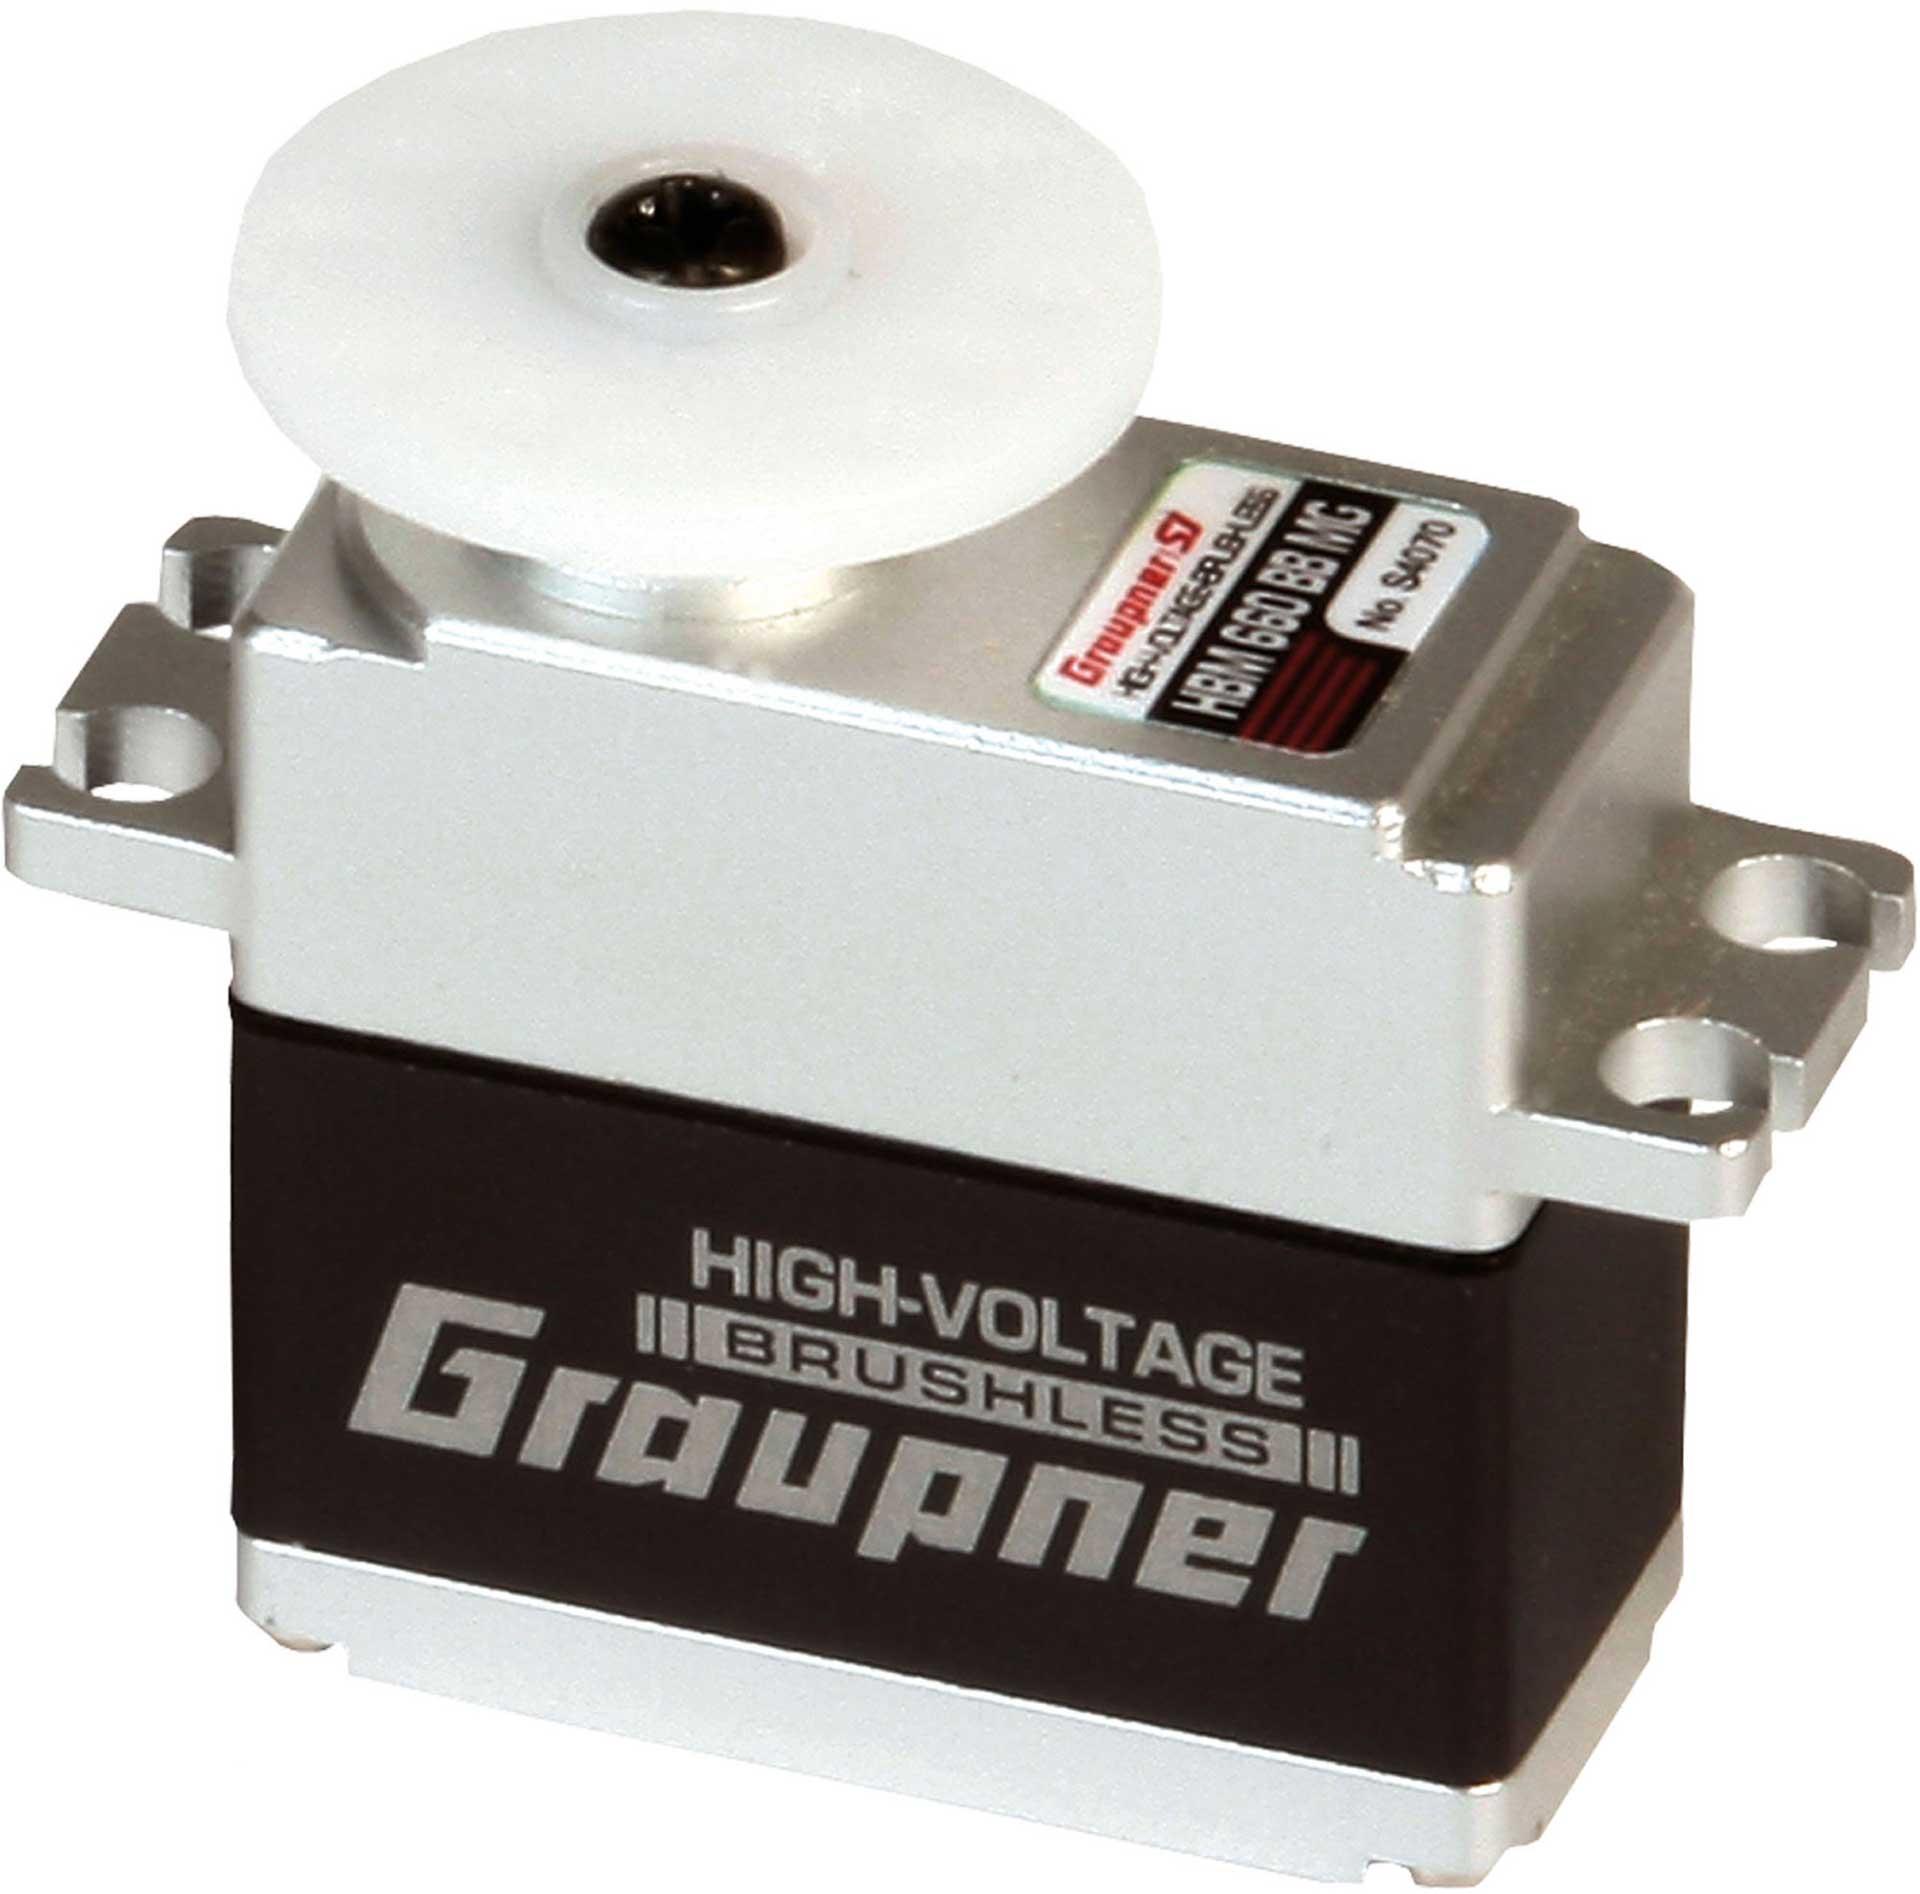 GRAUPNER HBM 660 BB MG DIGI HV BRUSHLESS TORQUE WITH 16MM WIDTH